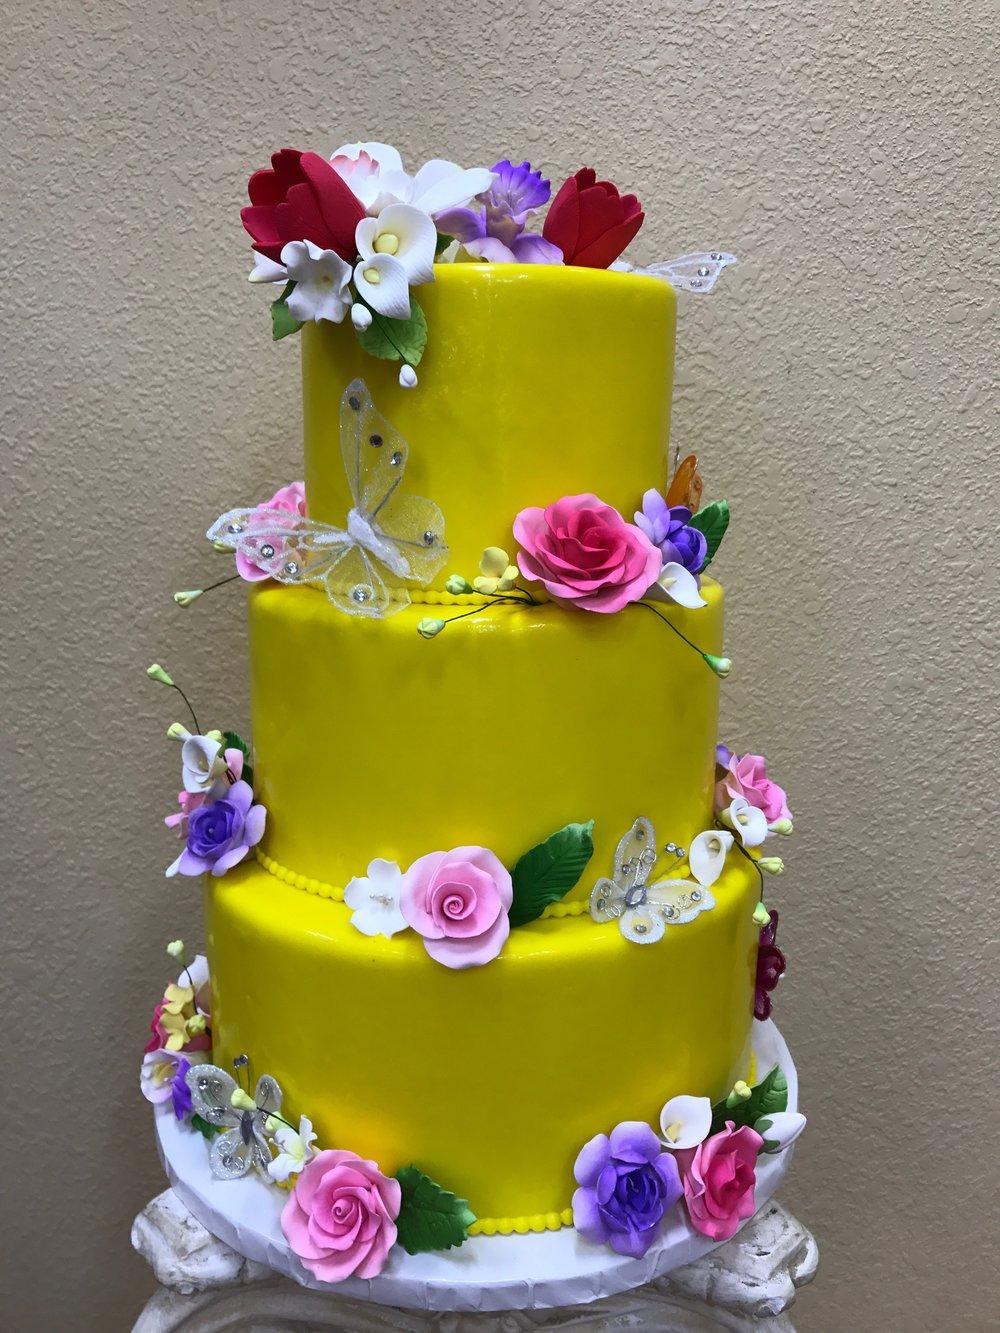 Sunrise Bakery Wedding Cakes — Sunrise Bakery